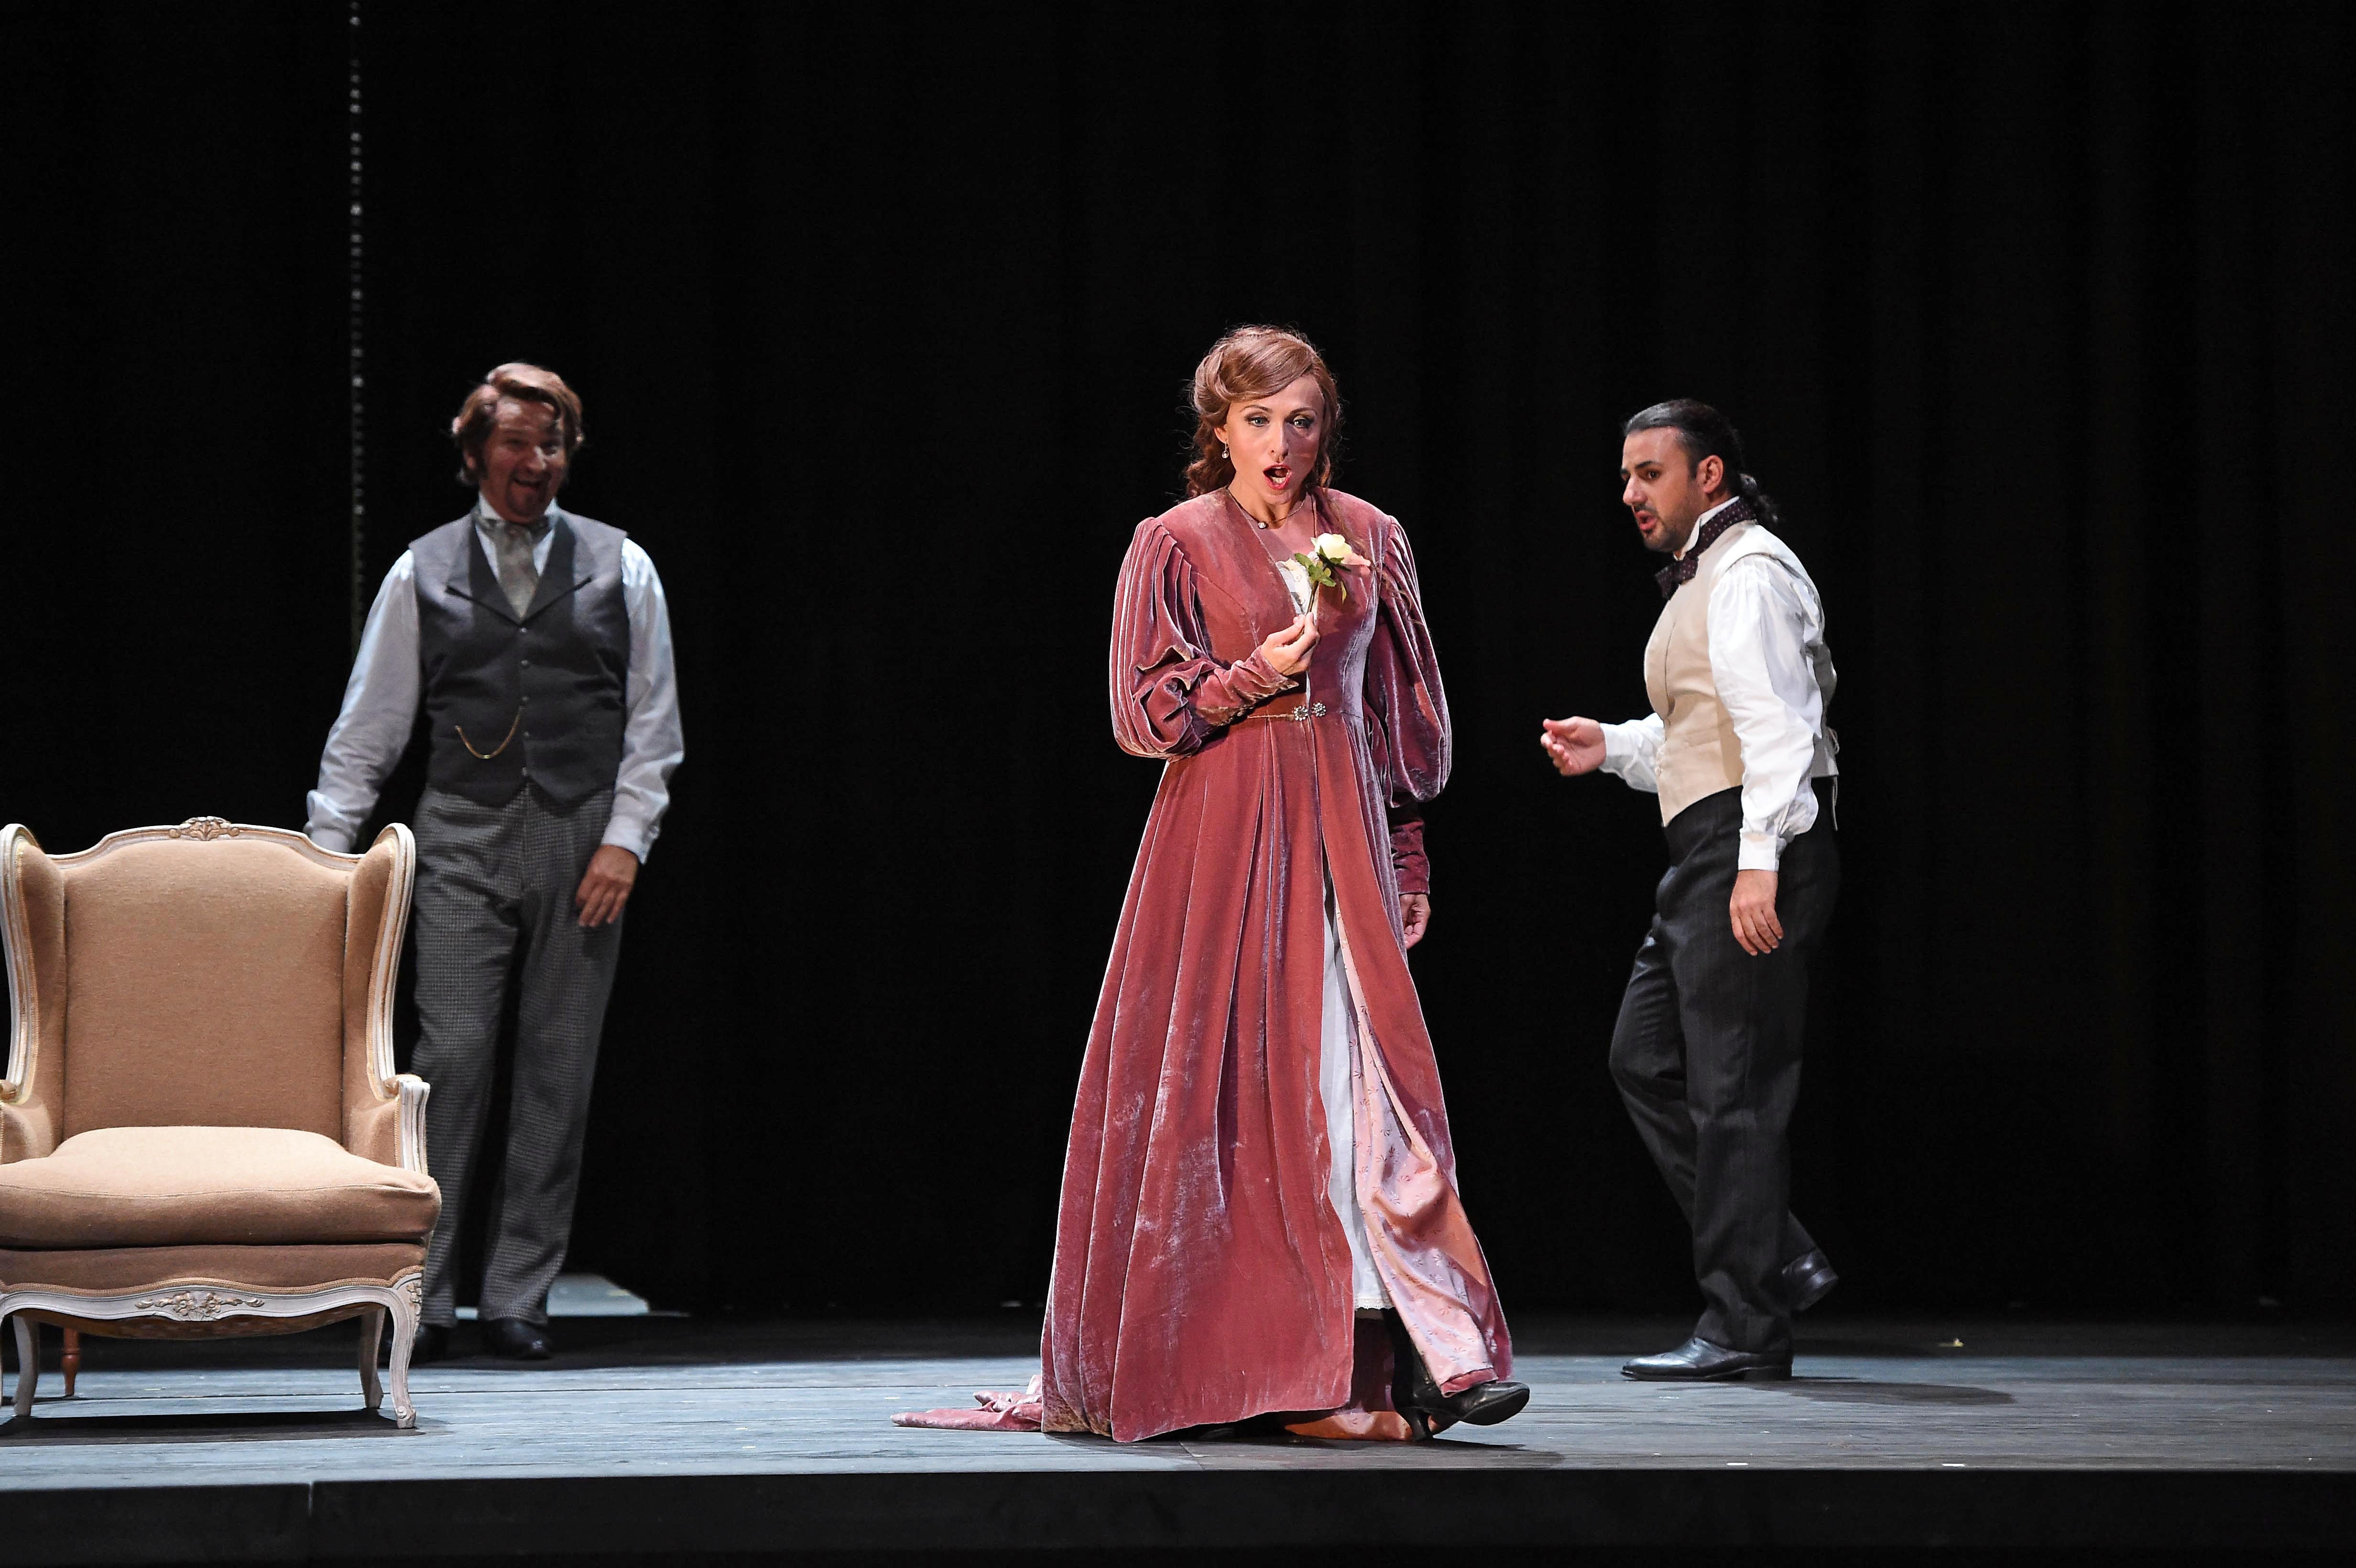 Das deutsche Dauerengagement eröffnet sie in der Titelrolle von Verdis La traviata